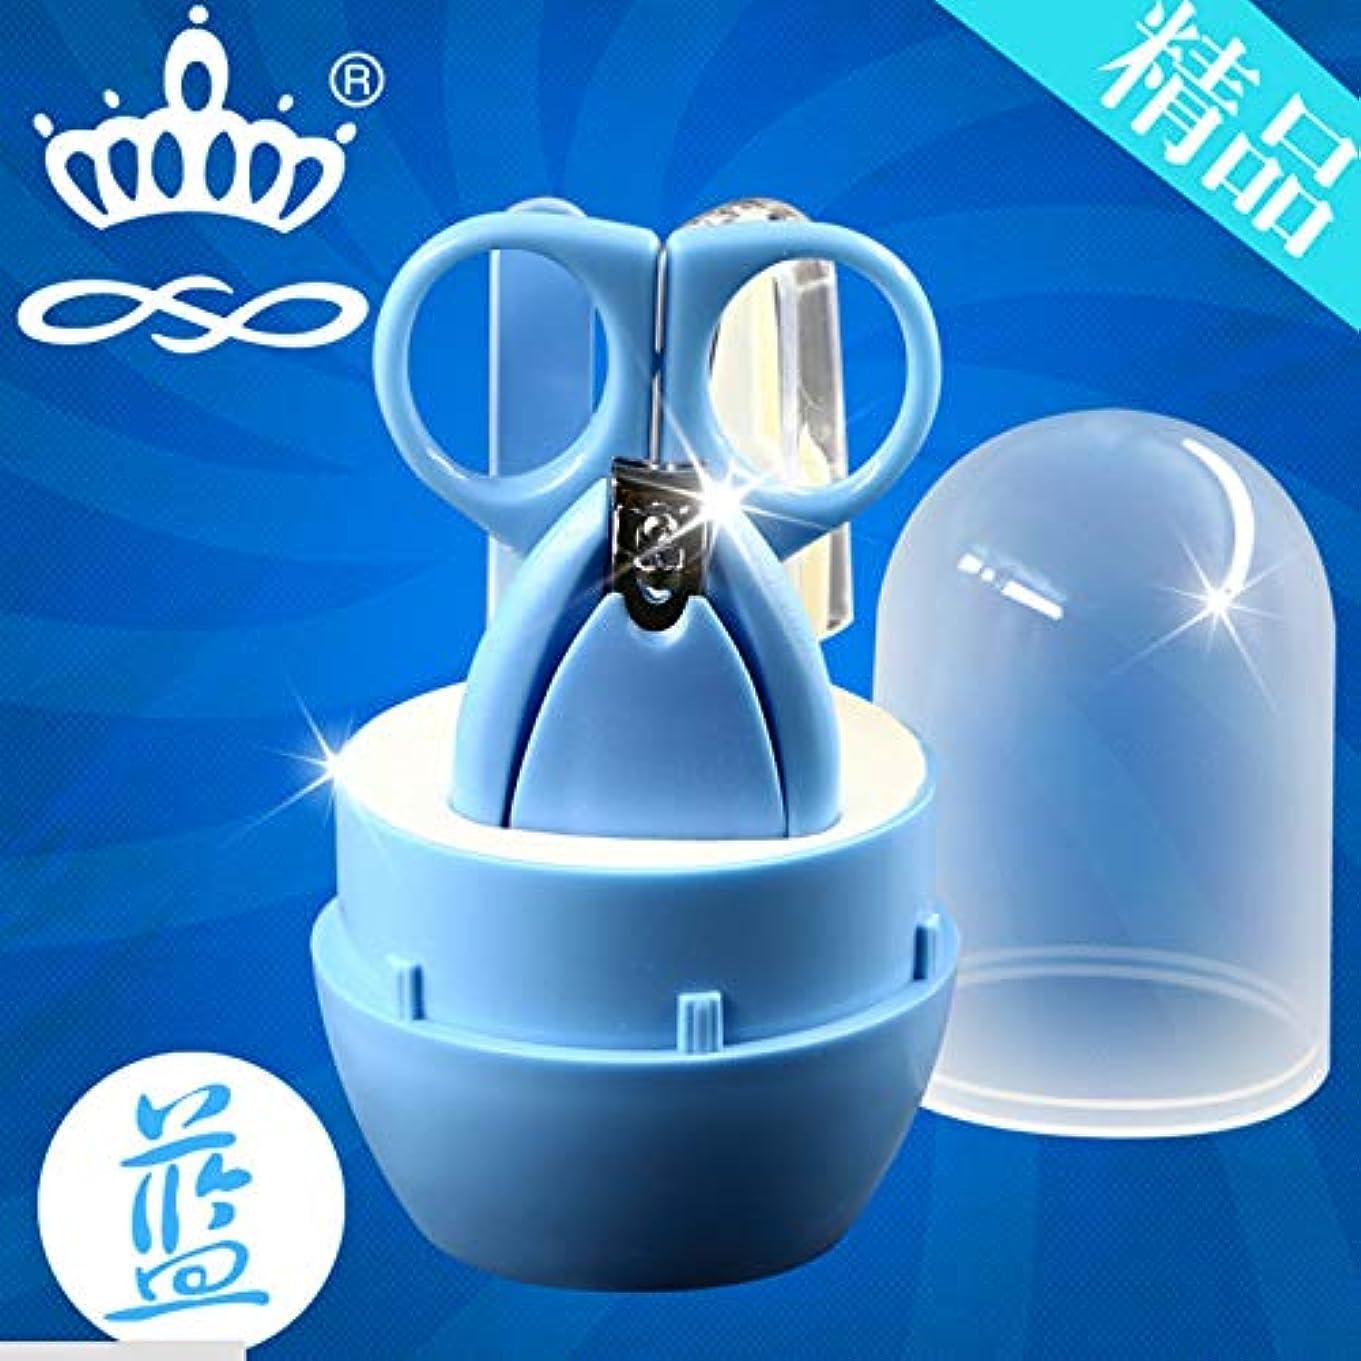 カタログ戦う舗装ミニブティックネイルクリッパーセット4ピースネイルクリッパー広告ギフトマニキュアナイフ用マイクロビジネス卸売